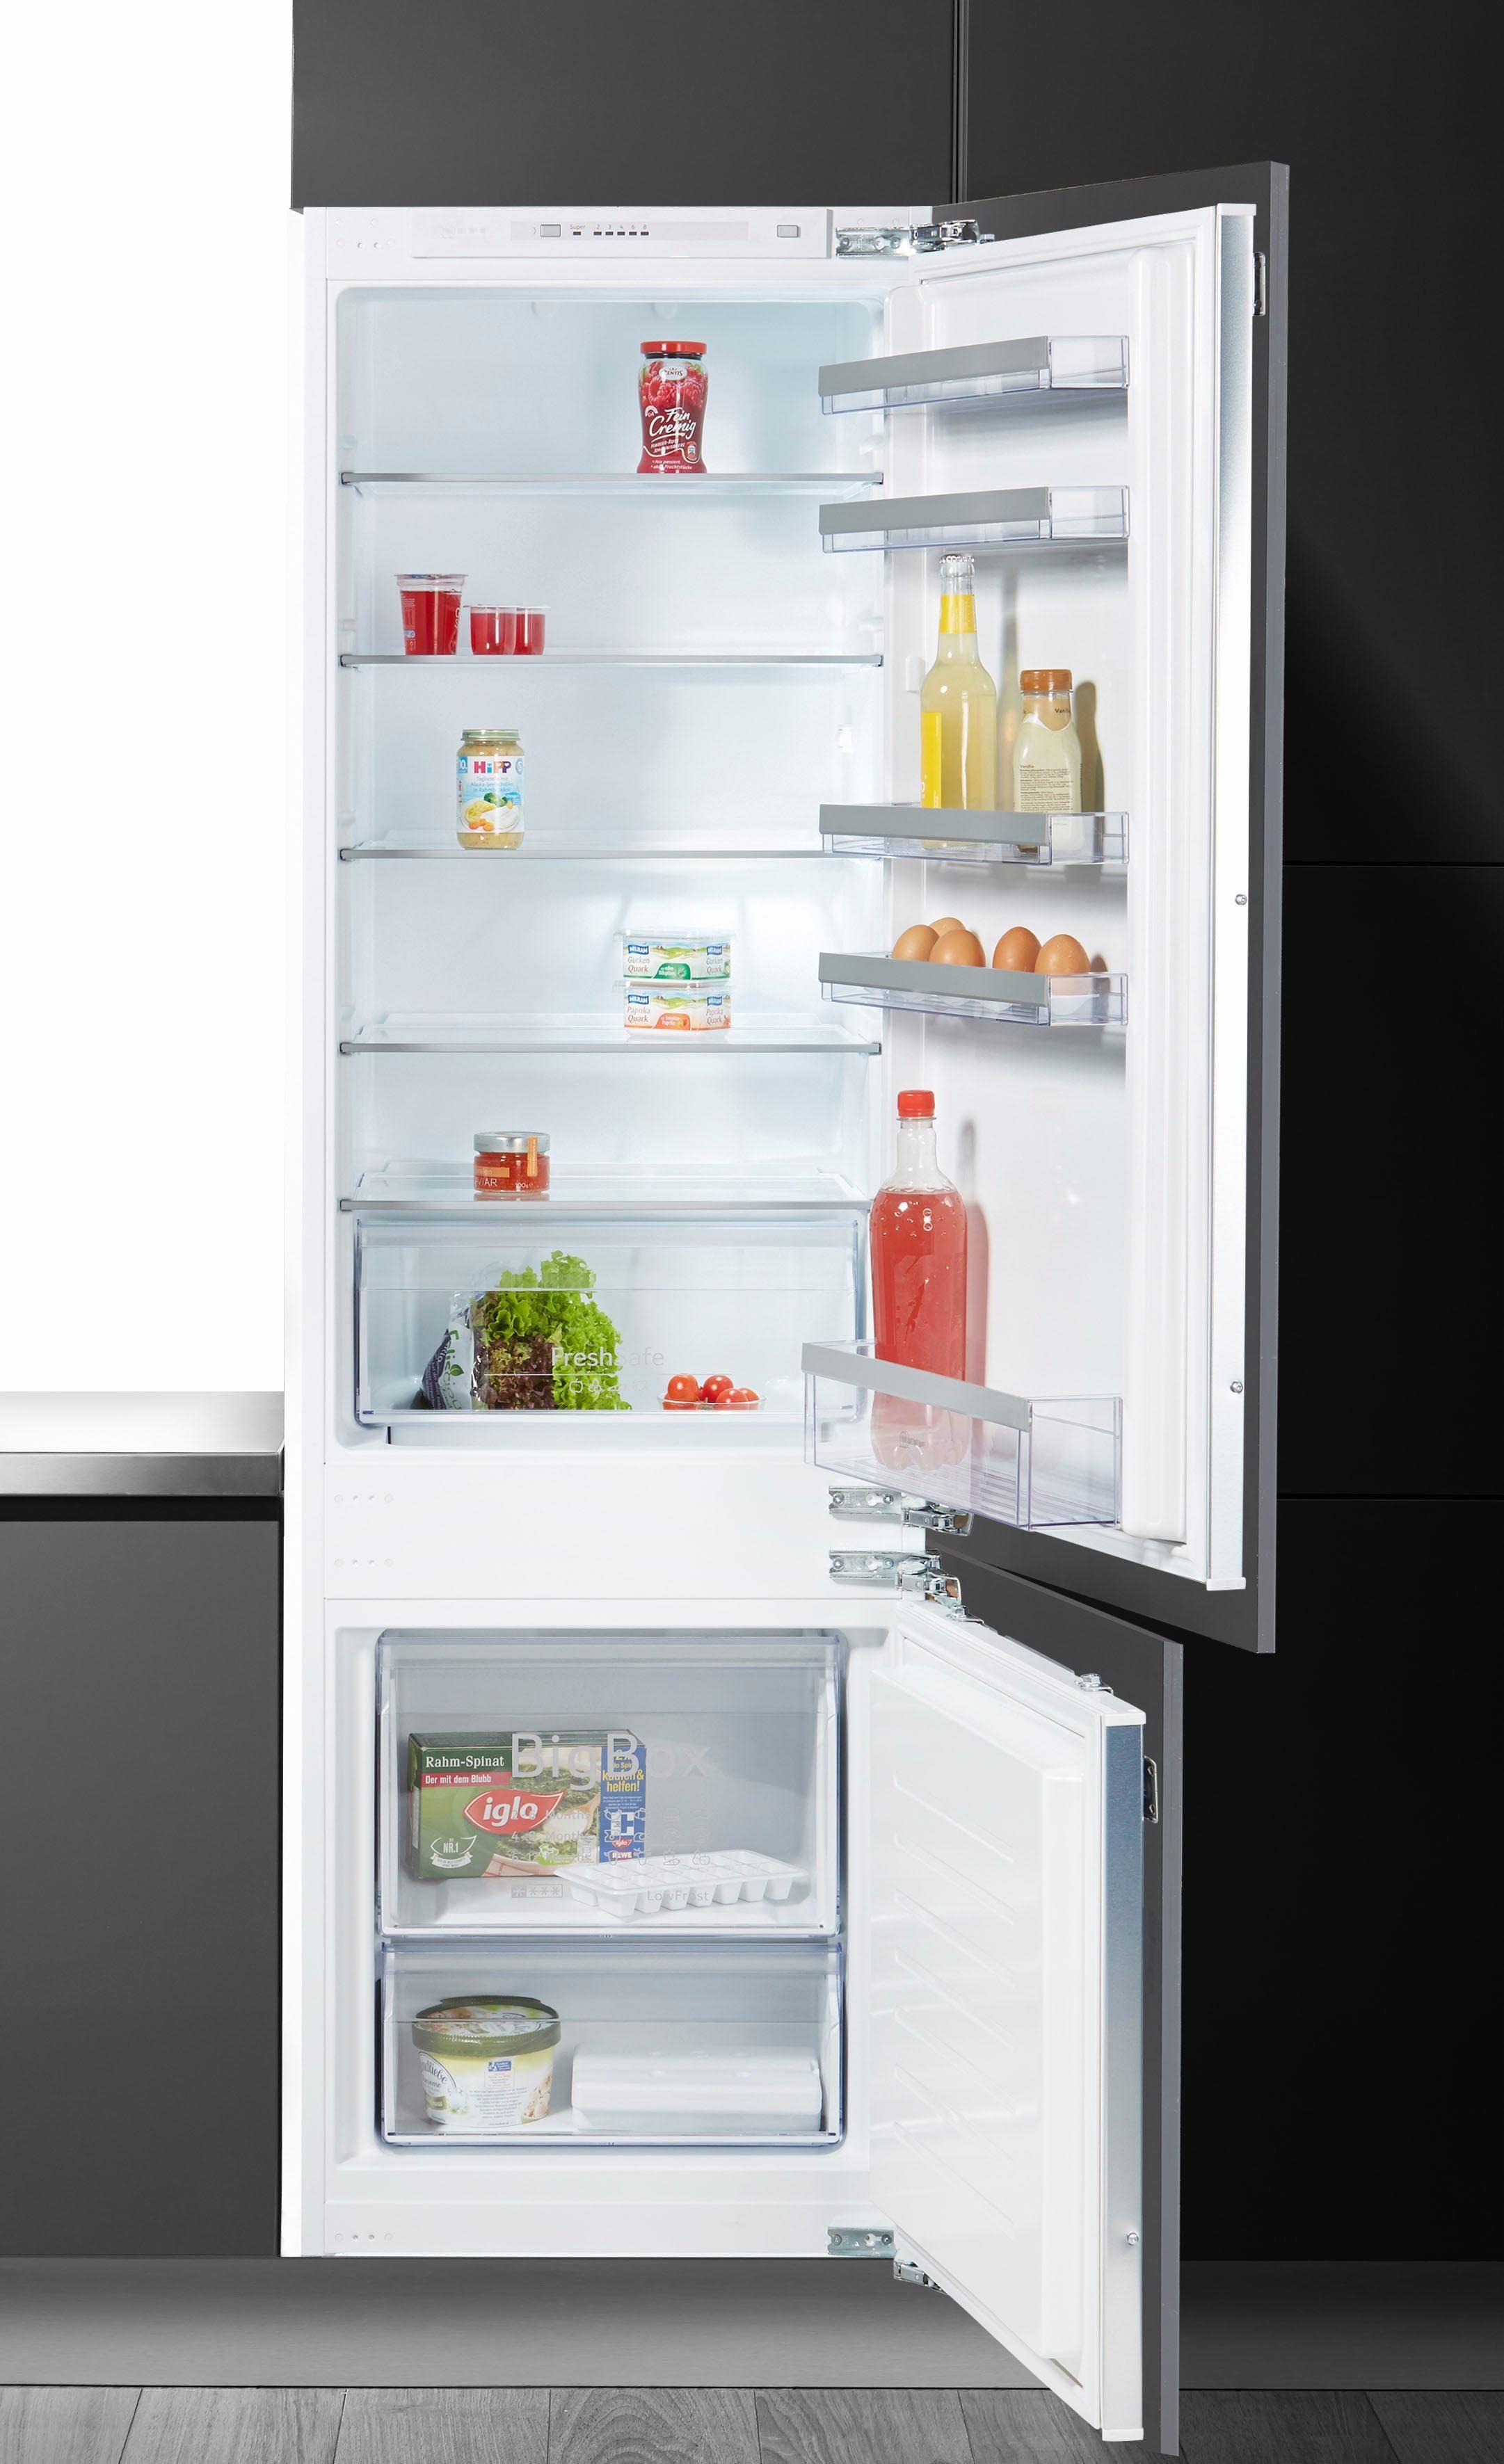 NEFF Einbaukühlgefrierkombination KG815A2 / KI5872F30, 177,2 cm hoch, 54,5 cm breit, Energieeffizienzklasse: A++, 177,2 cm hoch